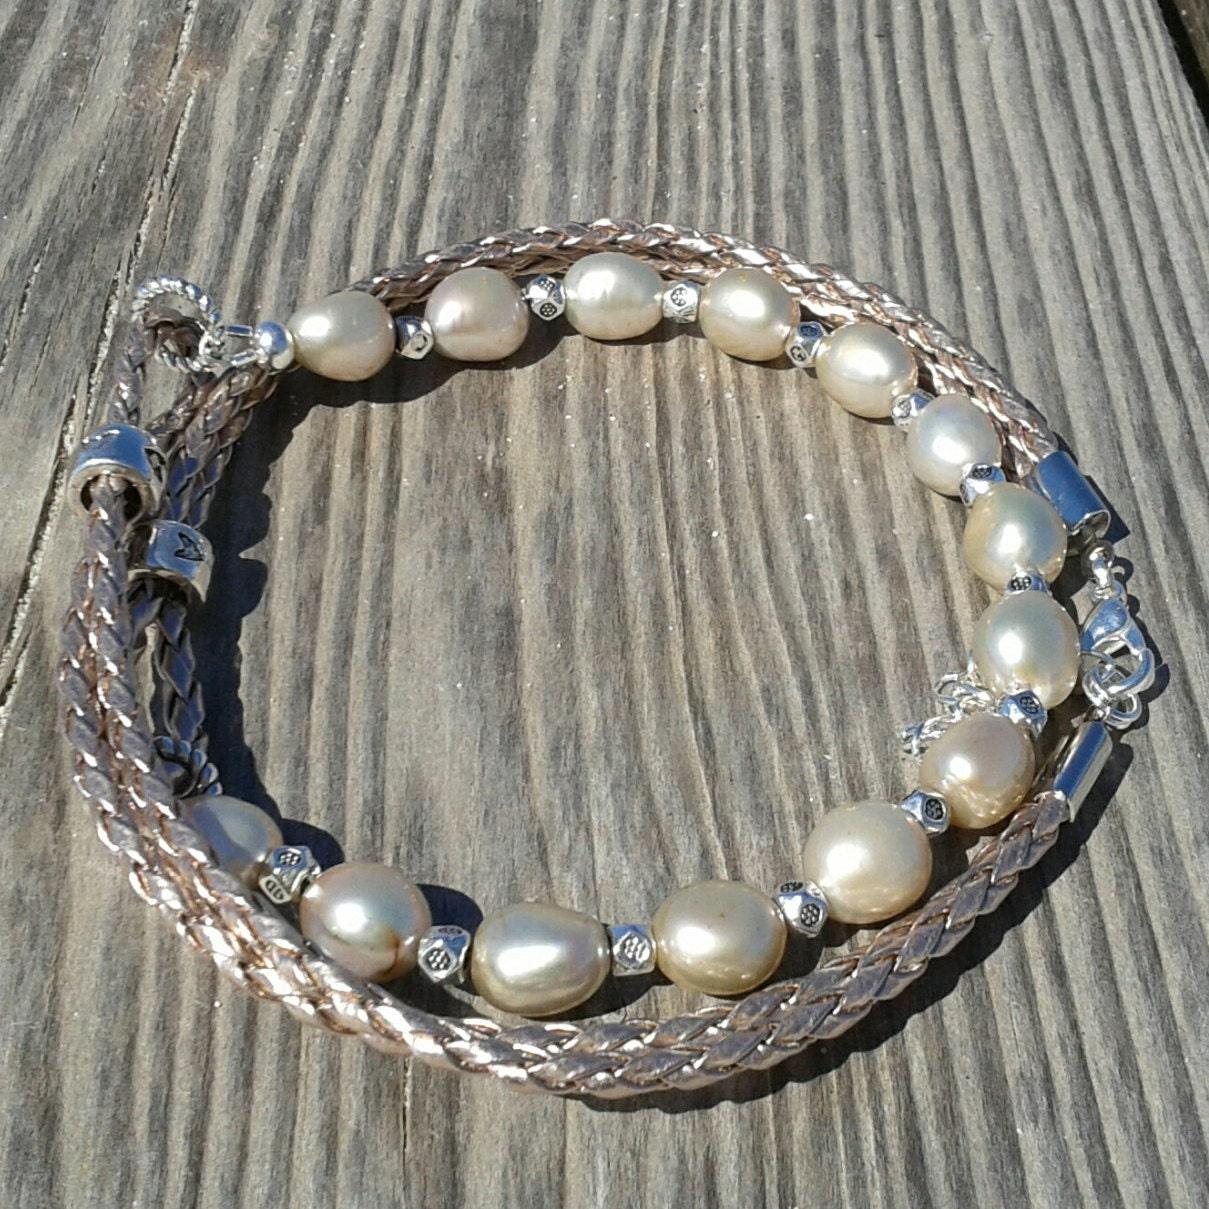 natural pearl necklace multi strand bracelet beaded choker. Black Bedroom Furniture Sets. Home Design Ideas